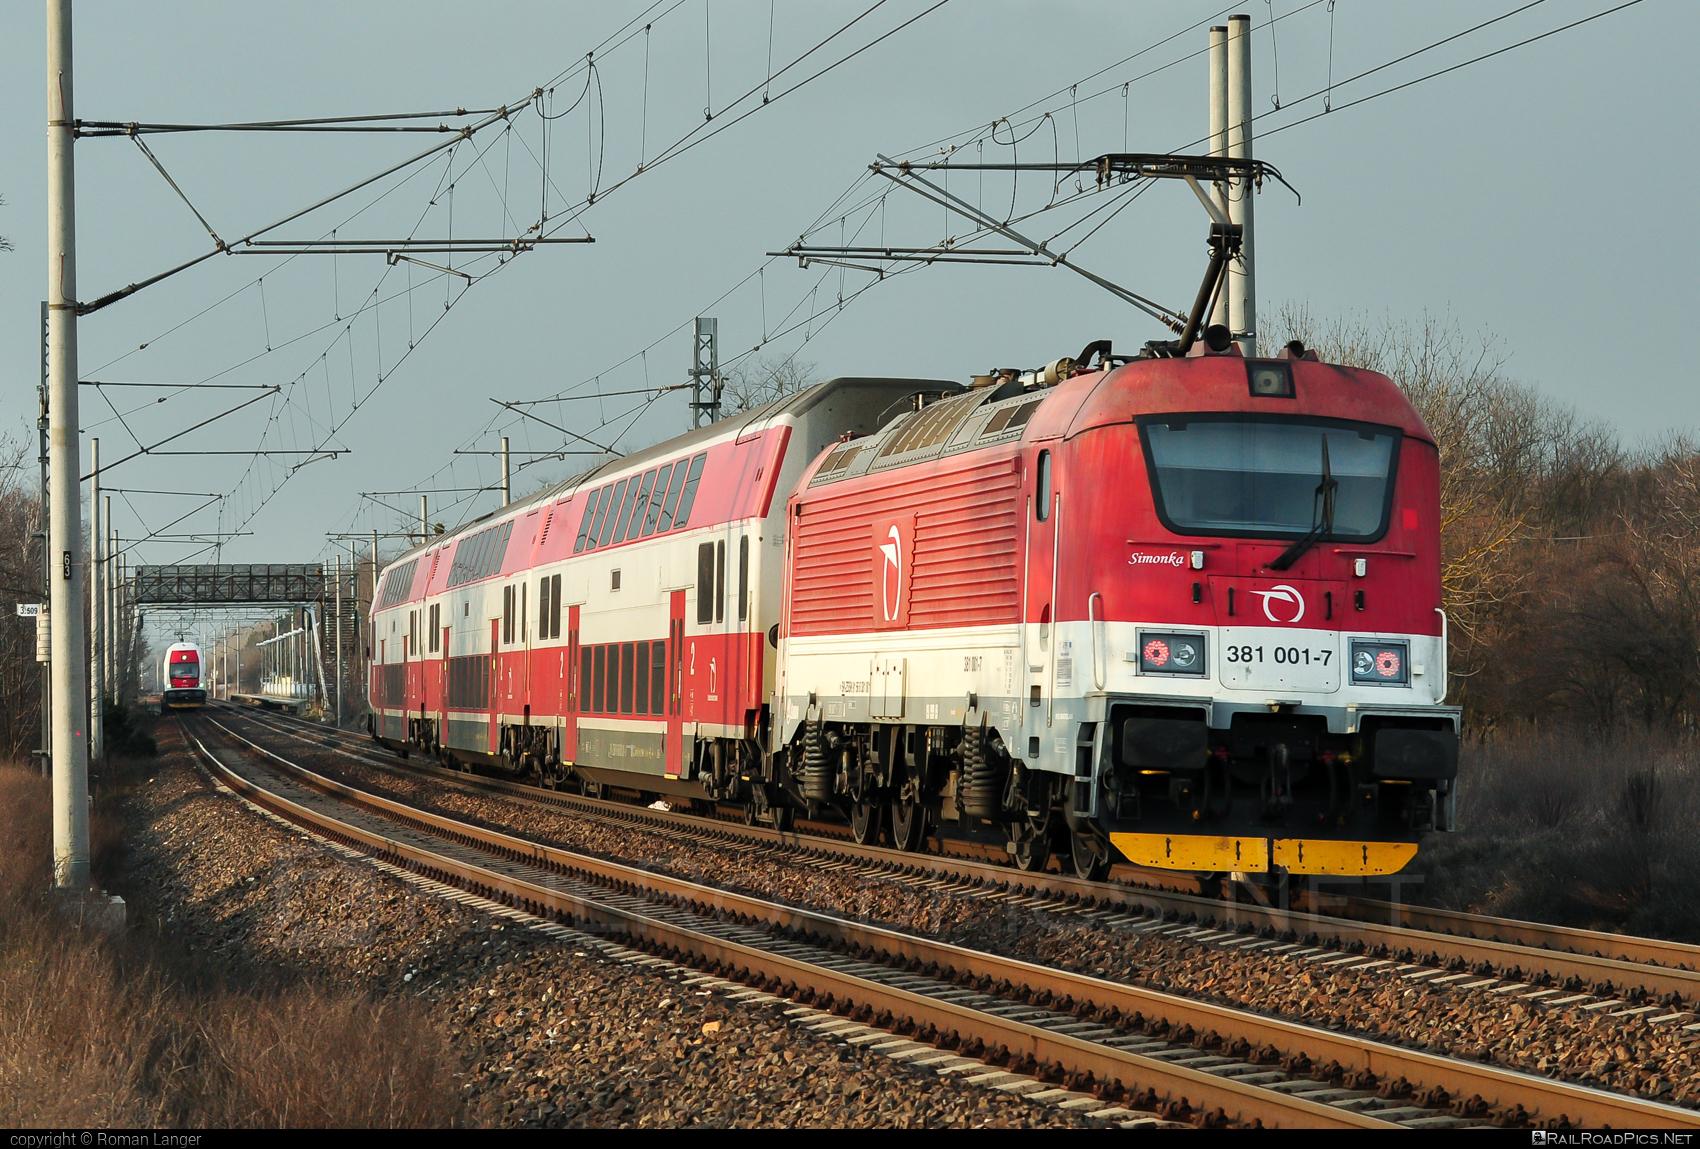 Škoda 109E2 Emil Zátopek - 381 001-7 operated by Železničná Spoločnost' Slovensko, a.s. #ZeleznicnaSpolocnostSlovensko #emilzatopeklocomotive #locomotive381 #skoda #skoda109e #skoda109elocomotive #zssk